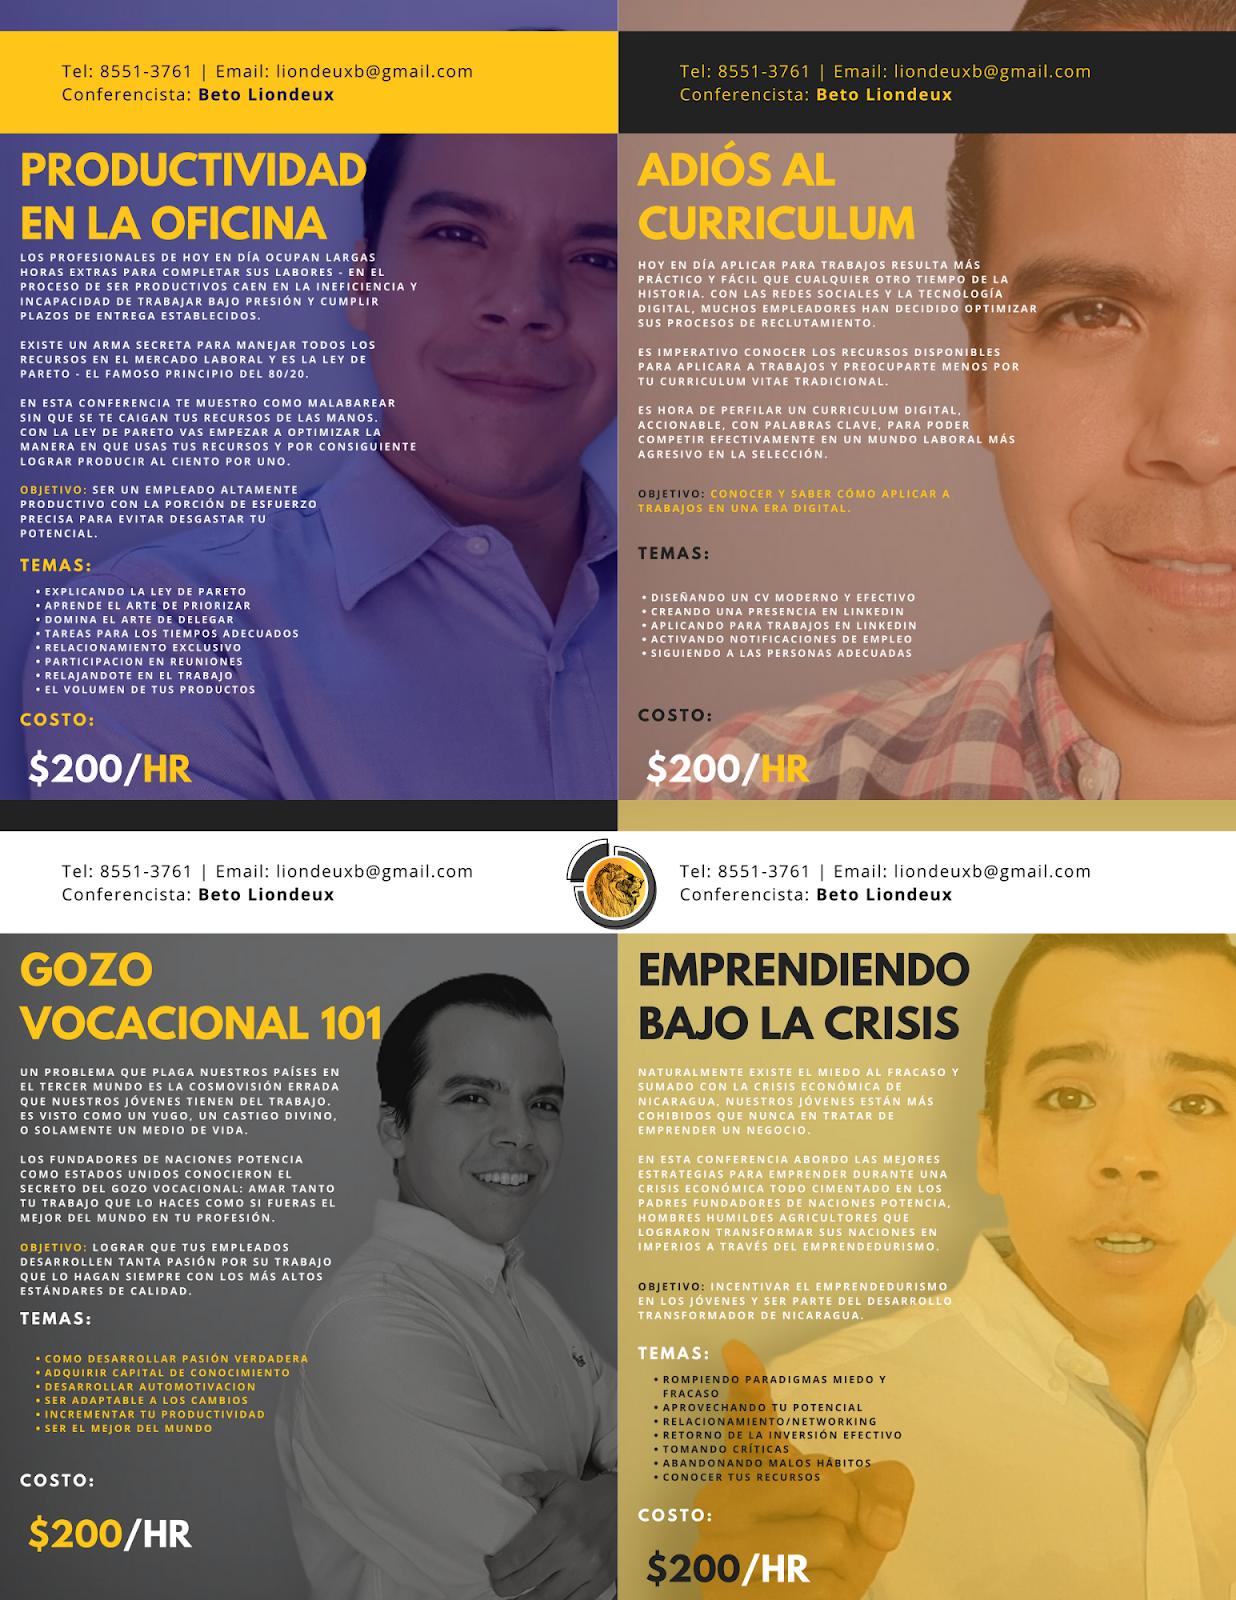 conferencias en nicaragua betolocuencia